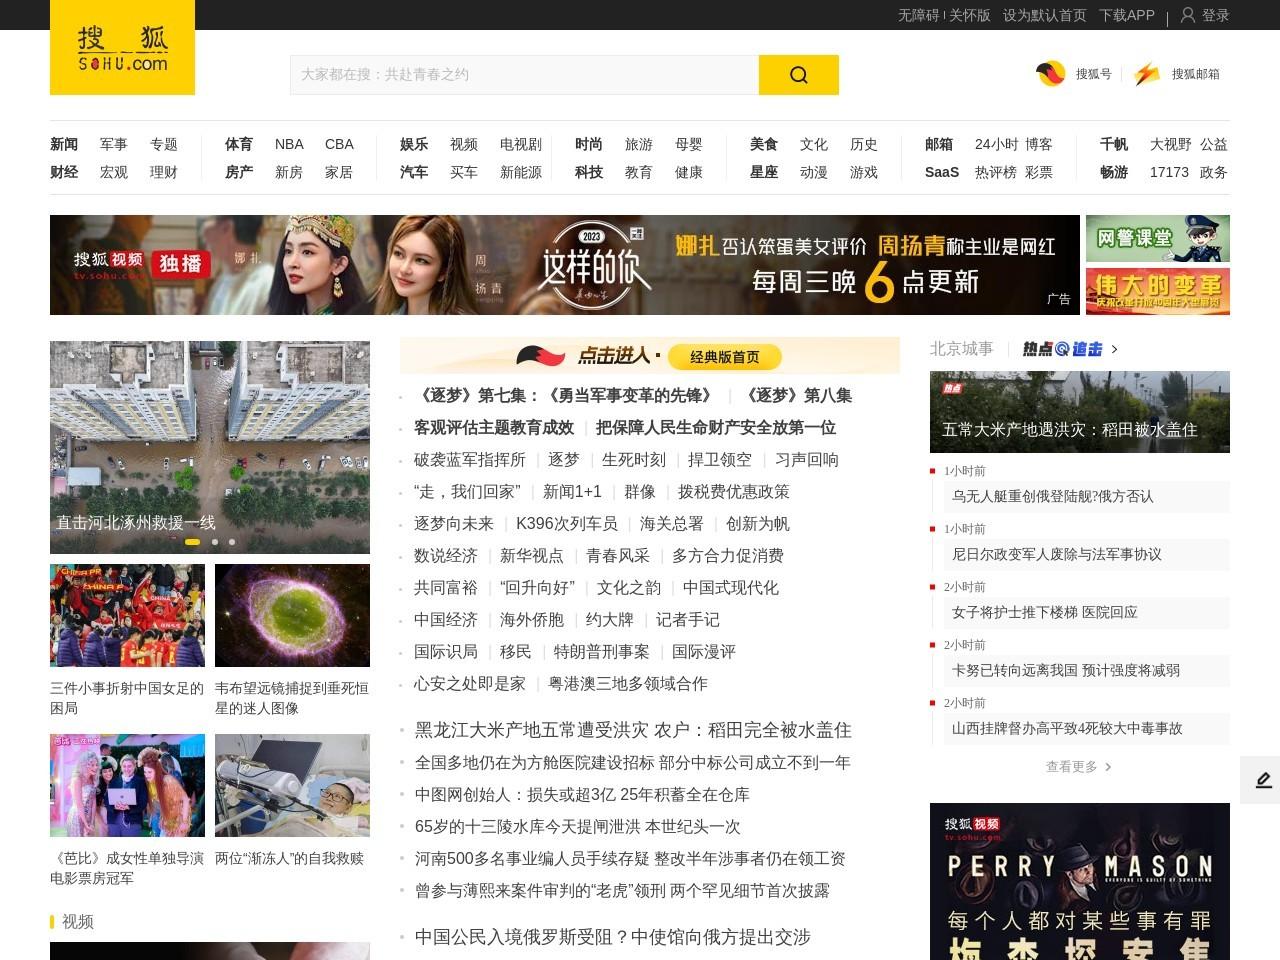 搜狐的网站截图